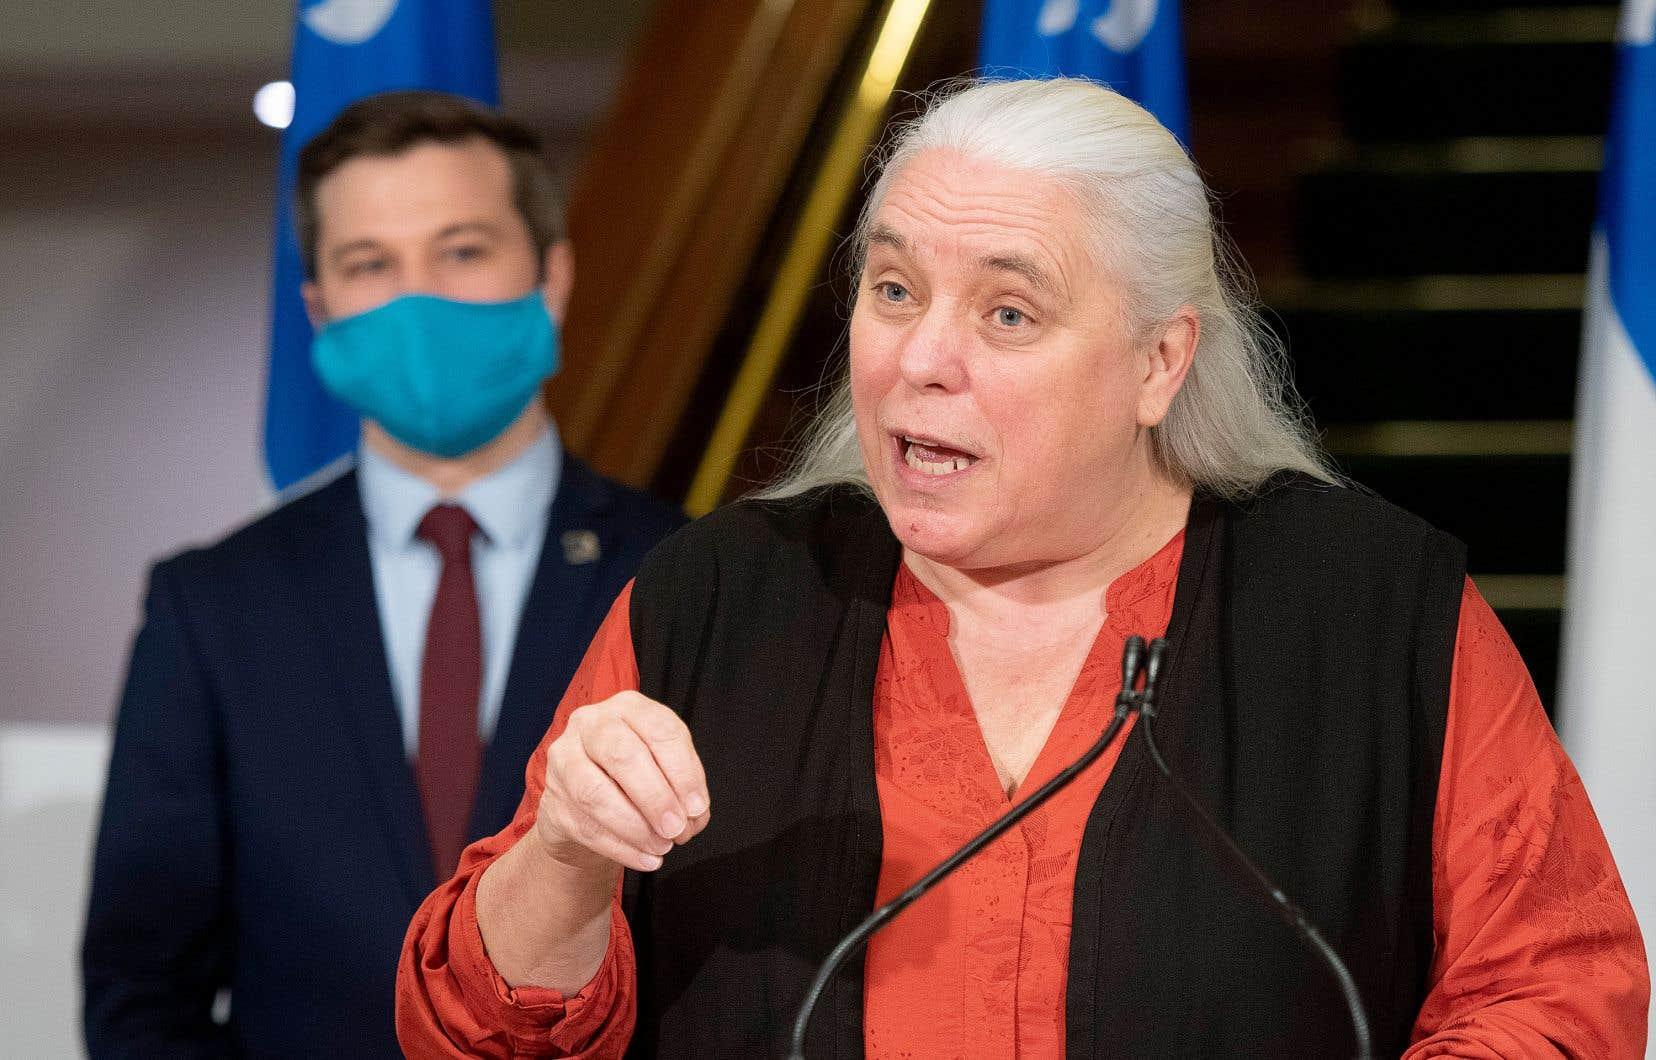 Manon Massé entend solliciter un nouveau mandat de députée en 2022 et demeurer co-porte-parole du parti si les membres lui renouvellent leur confiance lors du prochain congrès.